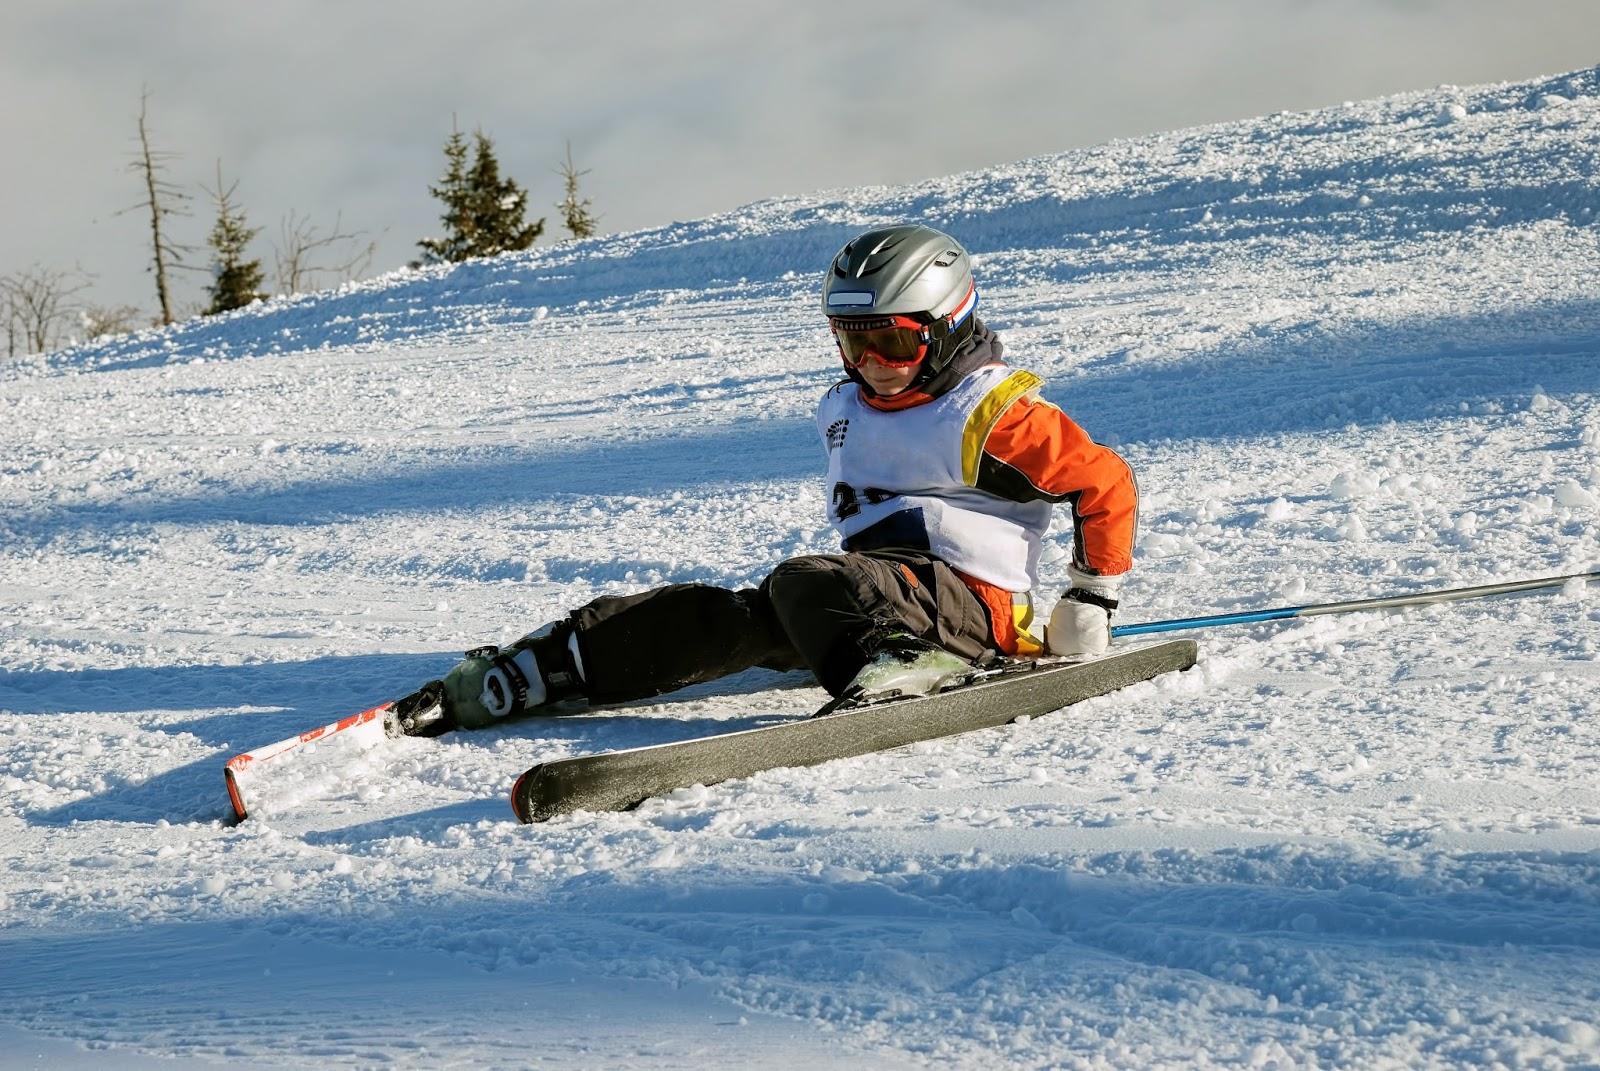 skier fallen down Courtesy of ER_09 Shutterstockcom74968015